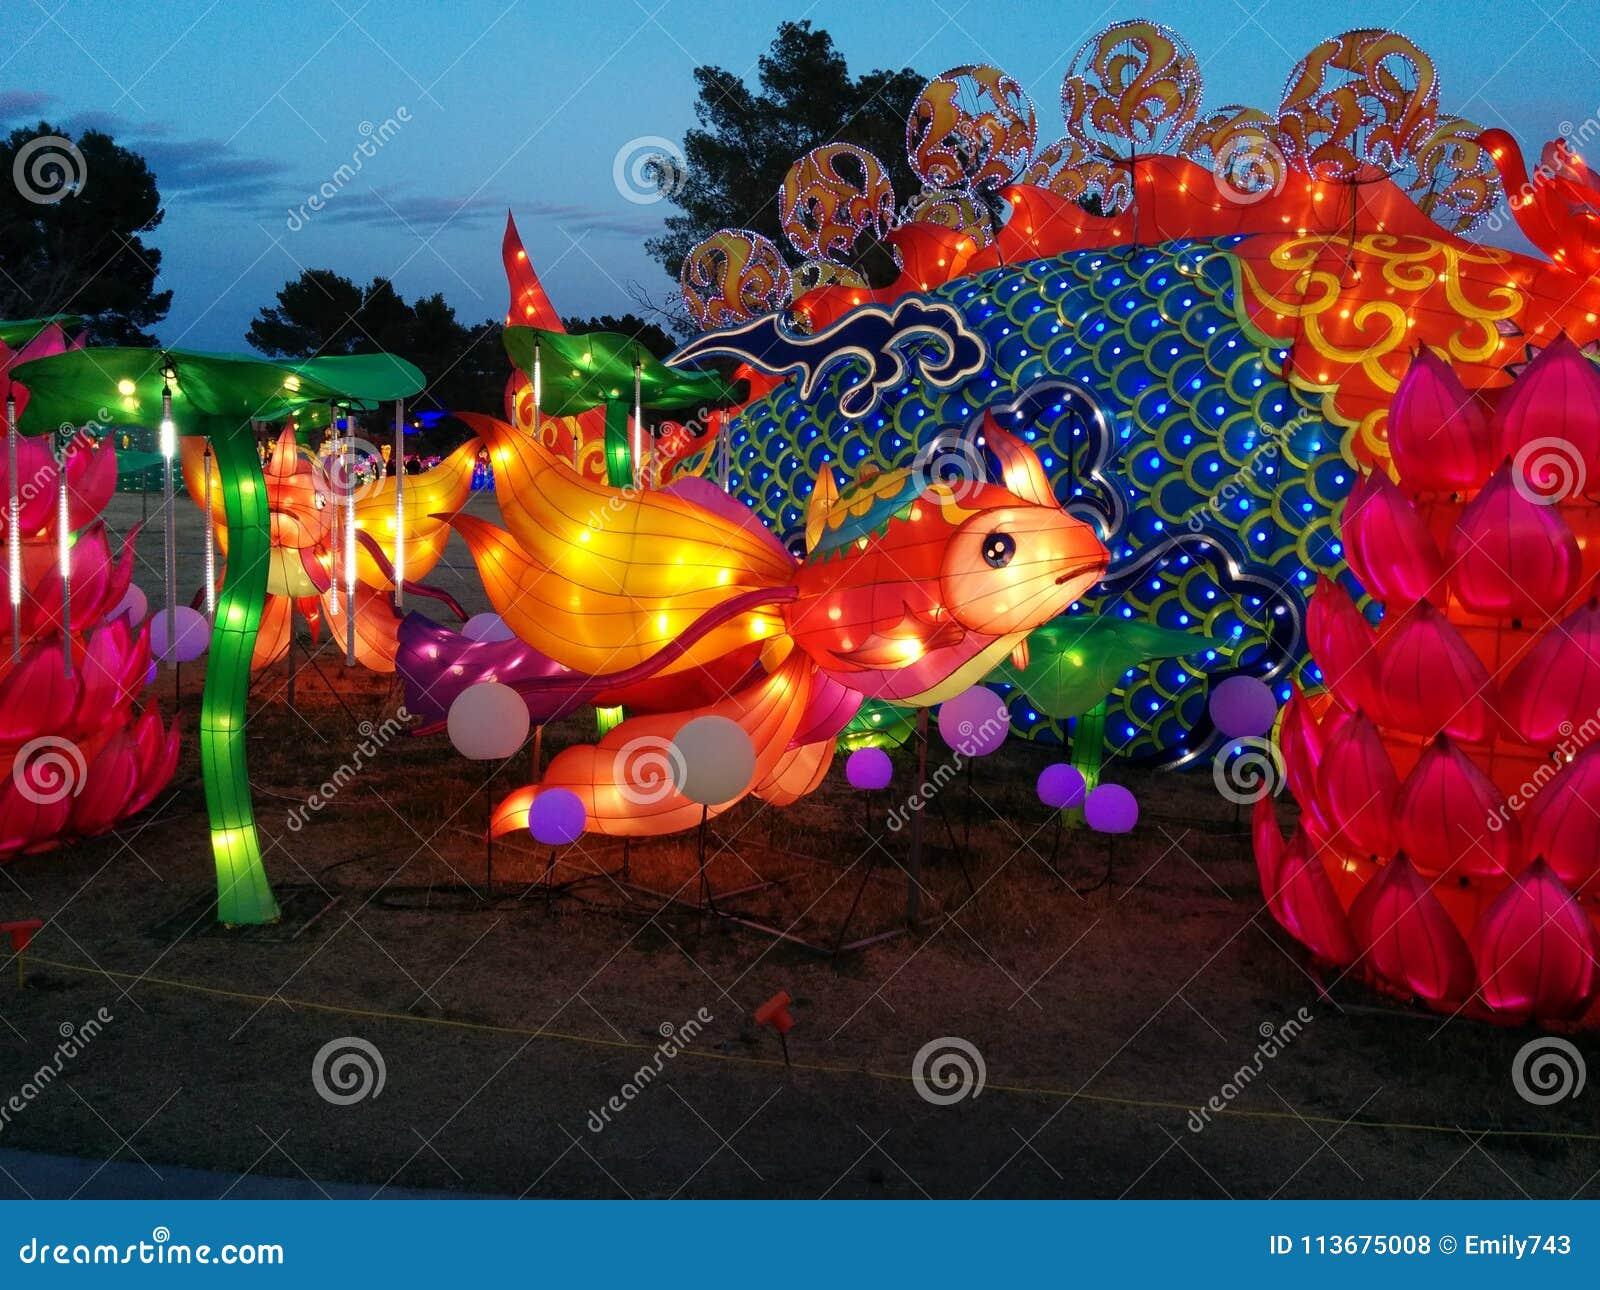 Underwater Fish Scene At Chinese Lantern Festival Stock Photo ...